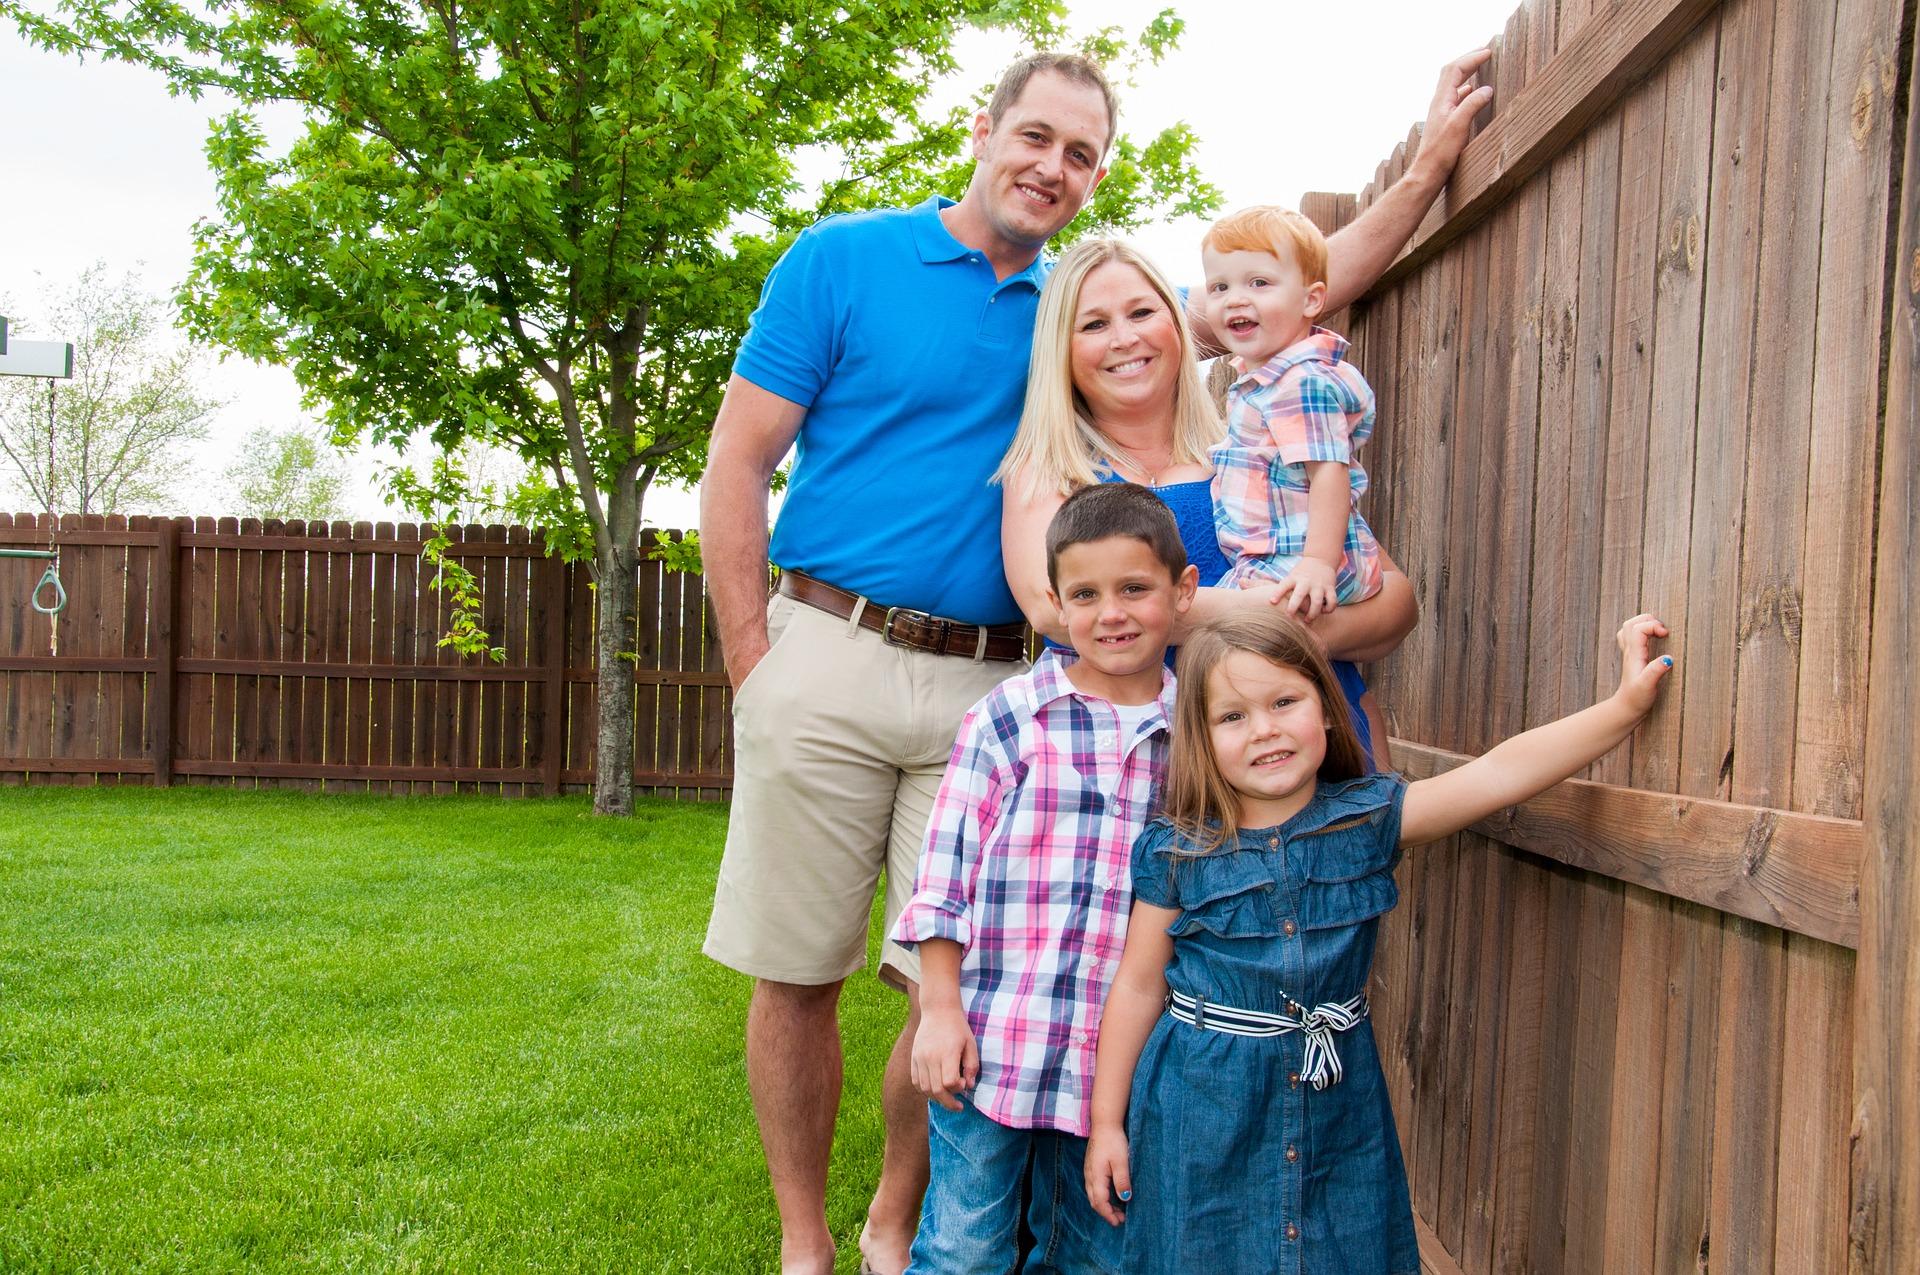 family-3283949_1920.jpg